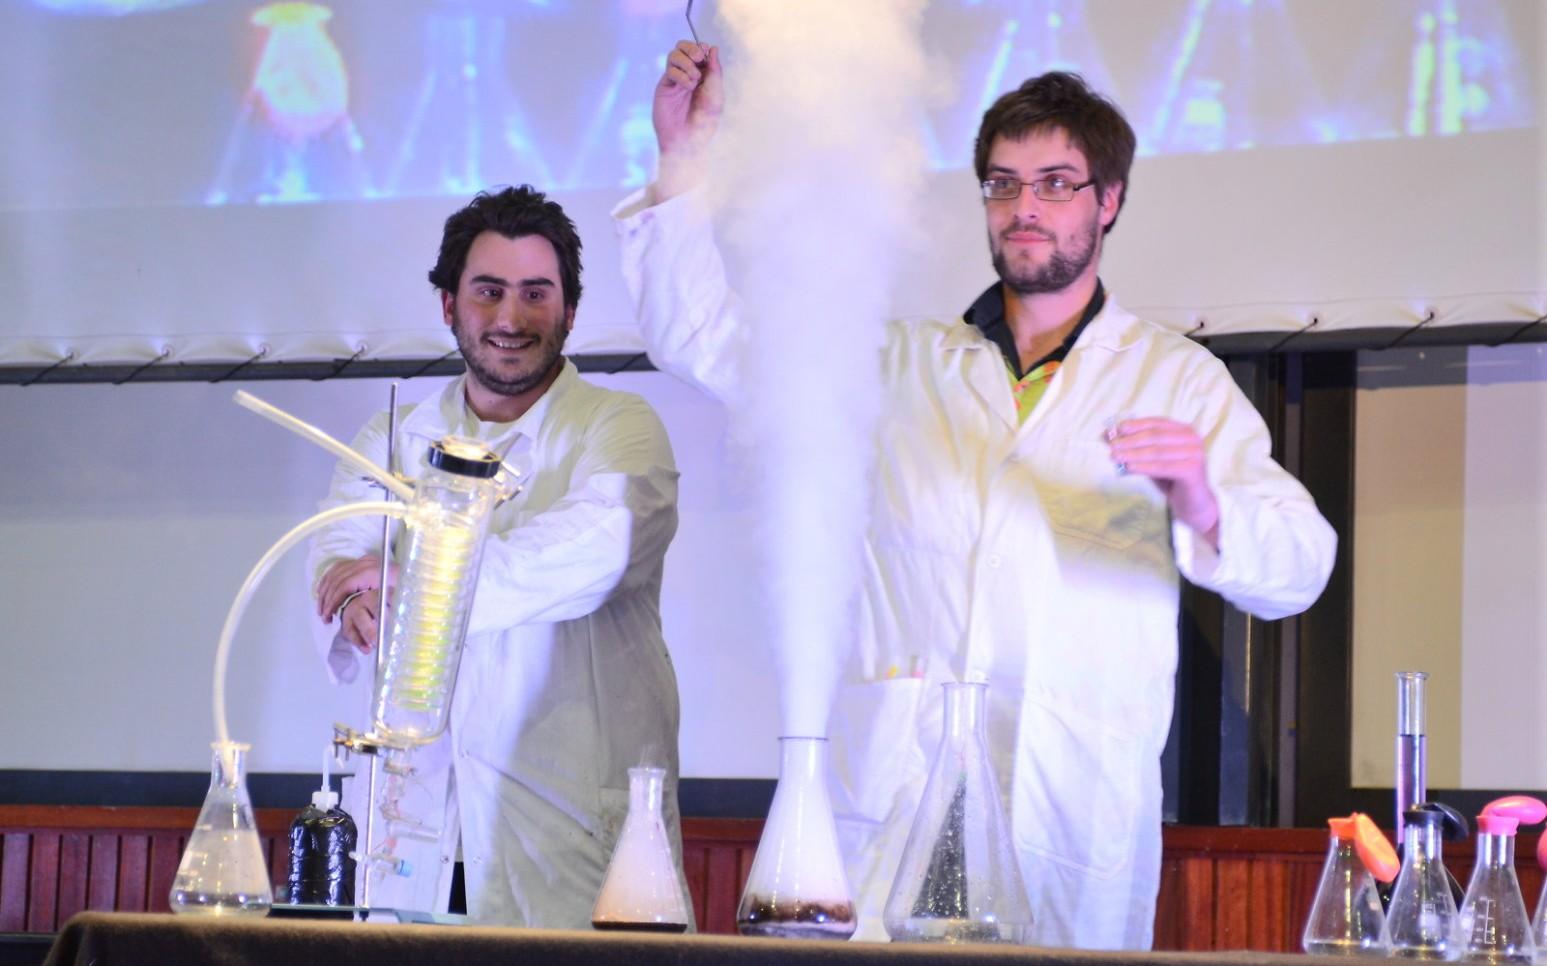 Etudiants présentent un show scientifique